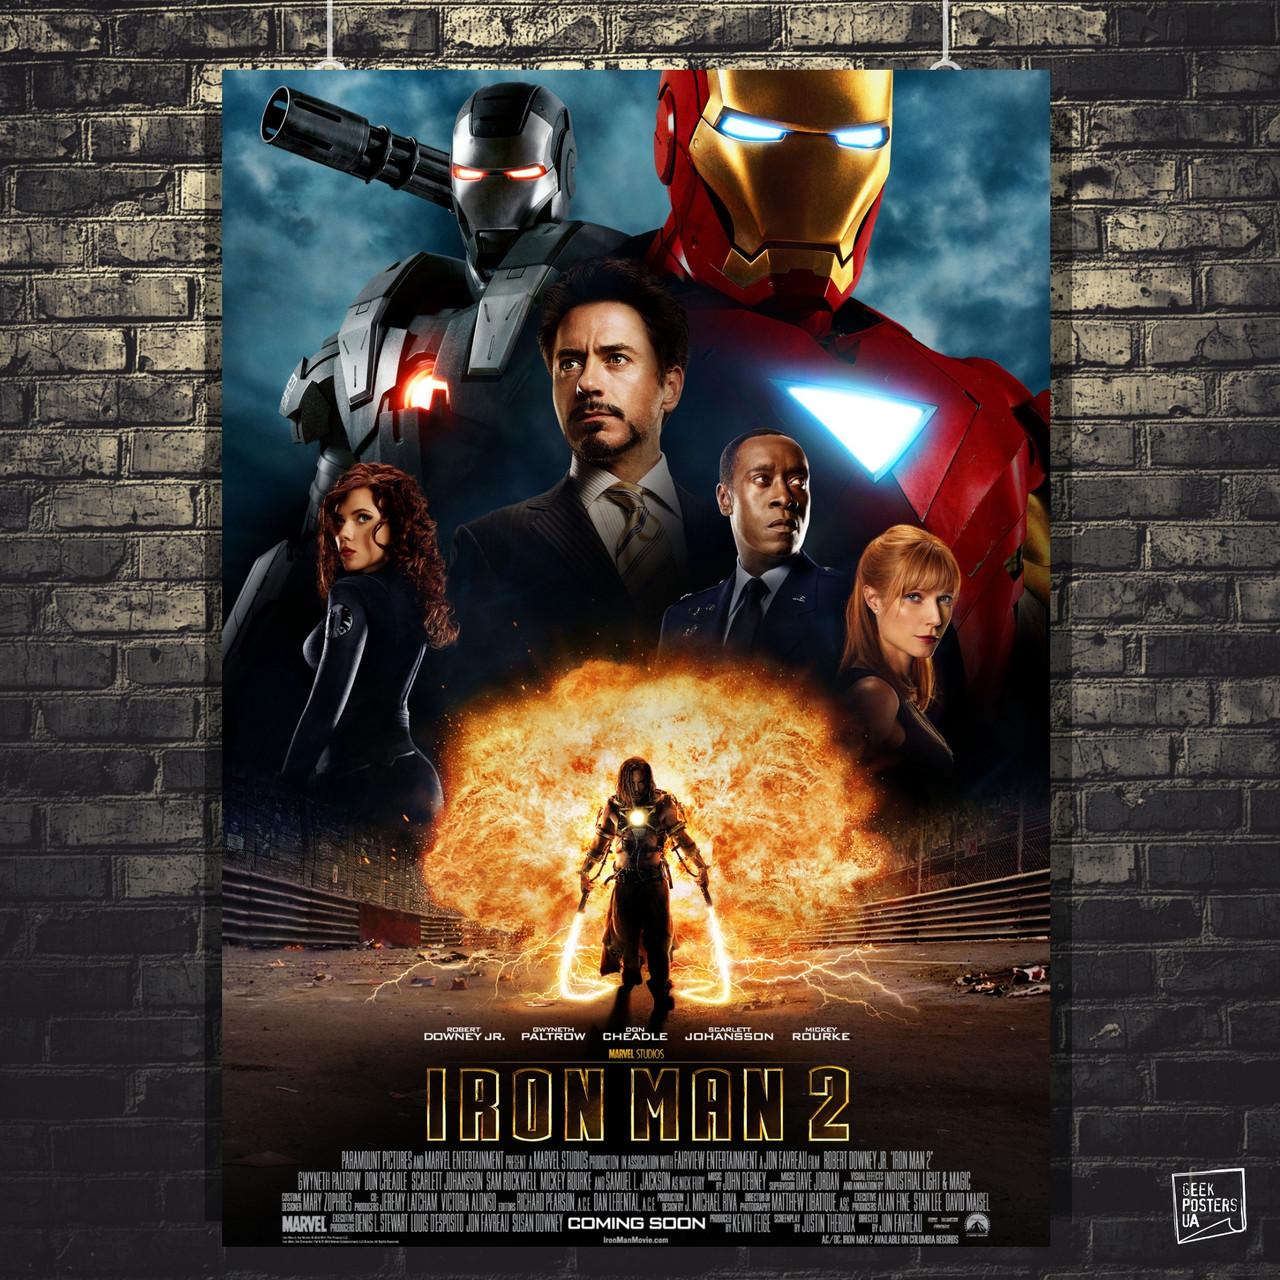 Постер Iron Man 2, Железный Человек 2. Размер 60x42см (A2). Глянцевая бумага